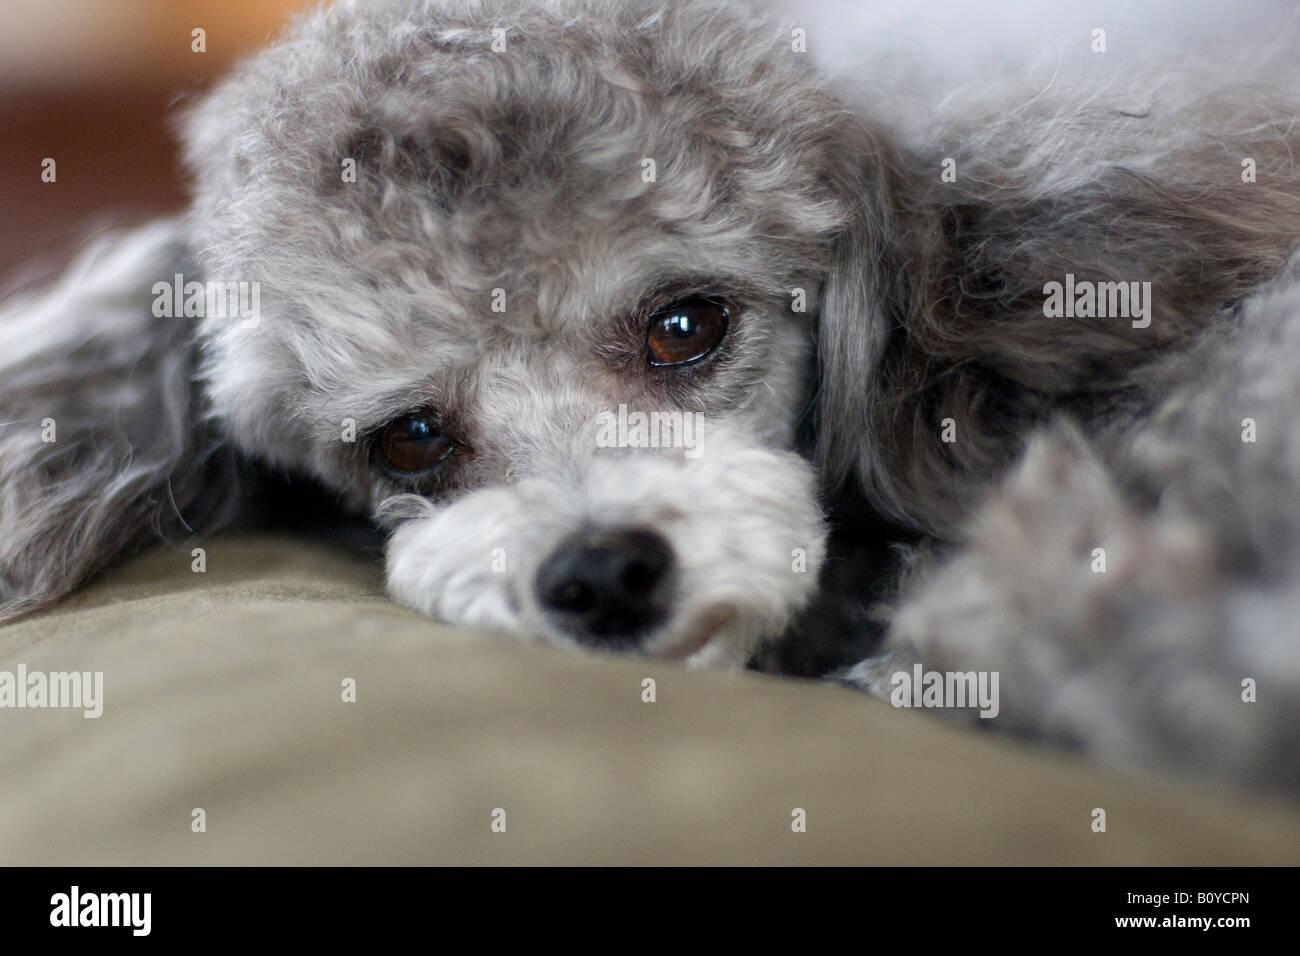 Tiny Teacup Poodle Stock Photos & Tiny Teacup Poodle Stock